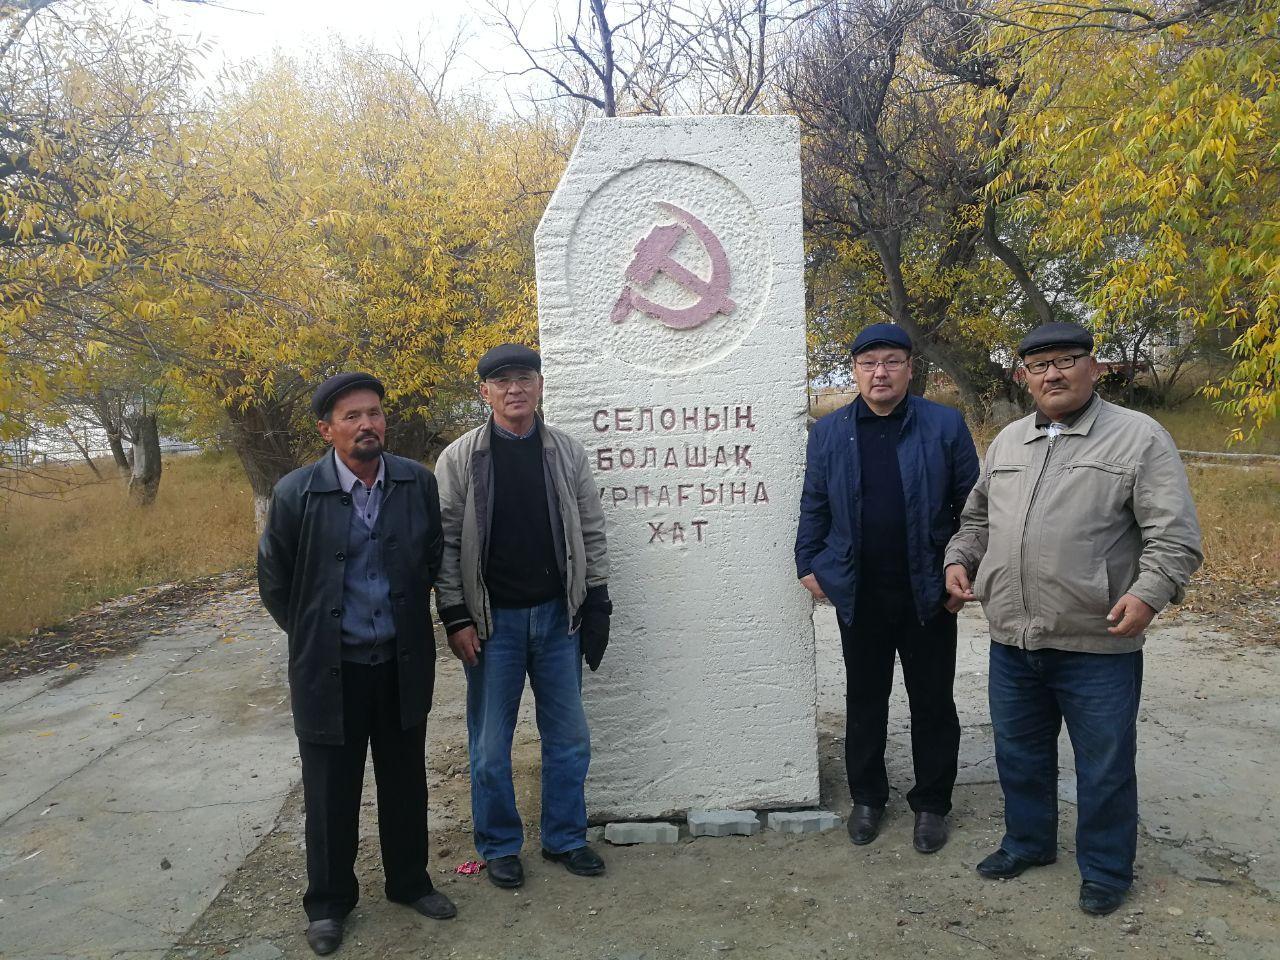 Жители села Онды вскрыли свою капсулу времени с посланием, фото-5